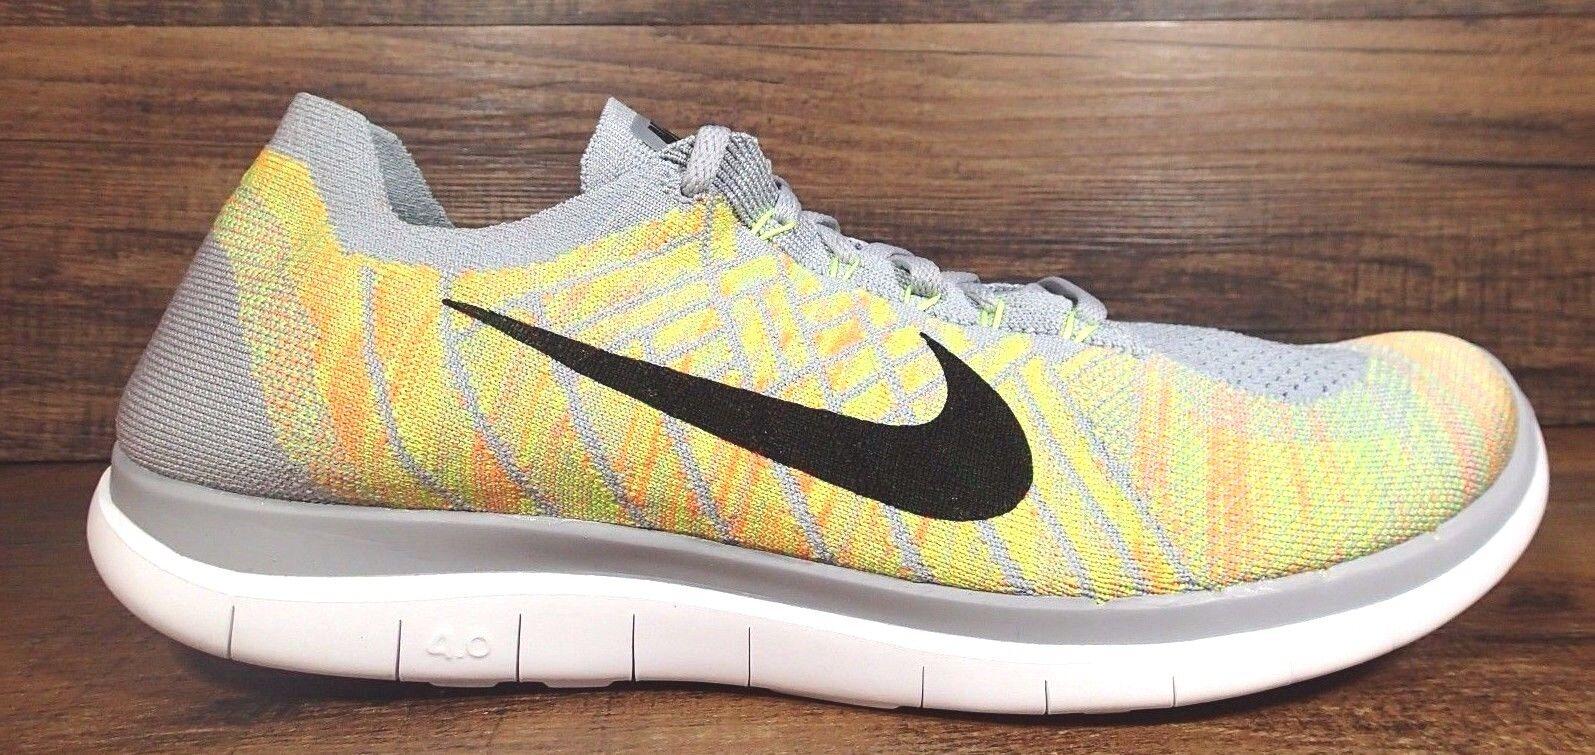 Nike Free Mens 4.0 Multicolores Chaussure De Course Flyknit Faits Saillants où puis-je commander Vente en ligne énorme surprise WP9FUL0